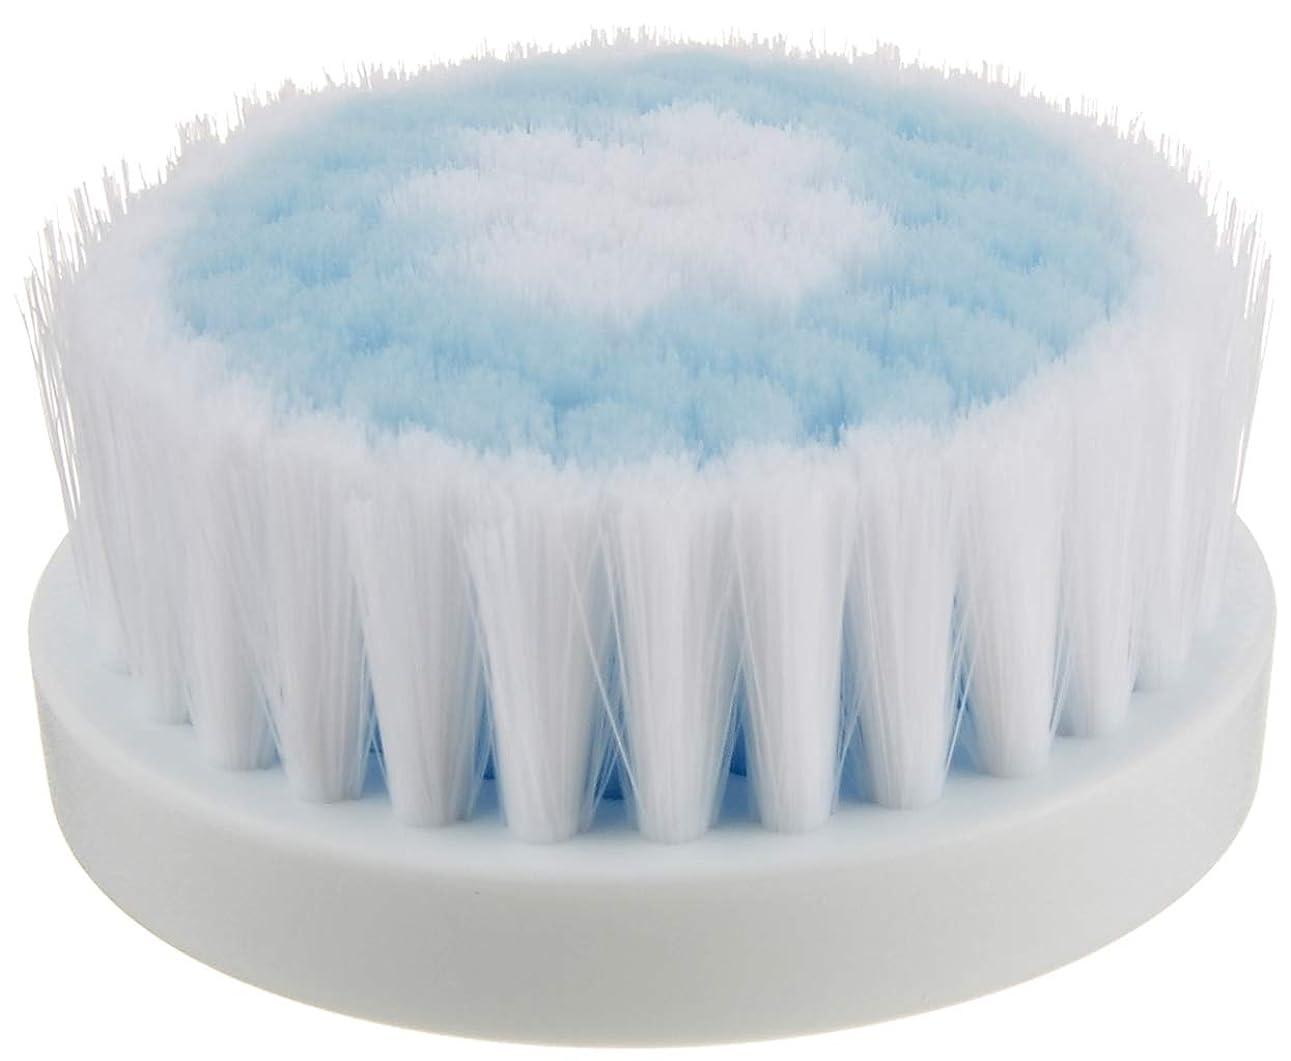 であることソーセージビートフィリップス 洗顔ブラシ【メンズビザピュア】敏感肌用ブラシ MS591/51